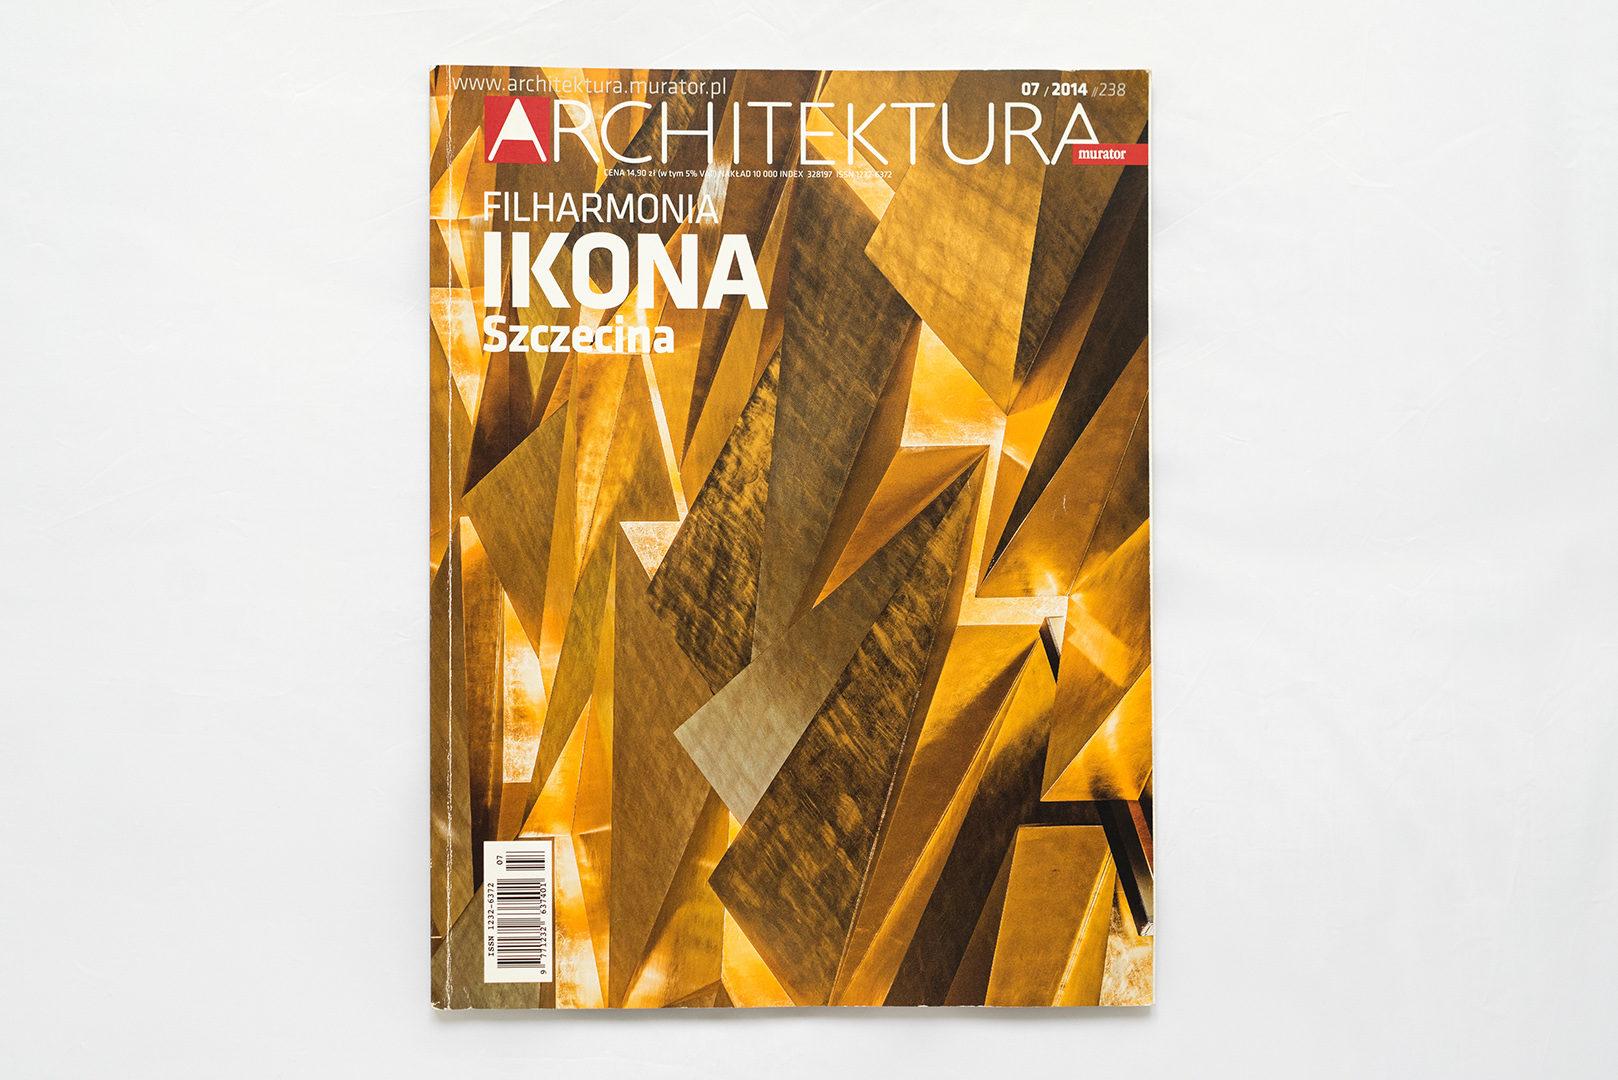 Architektura-07-2014-238